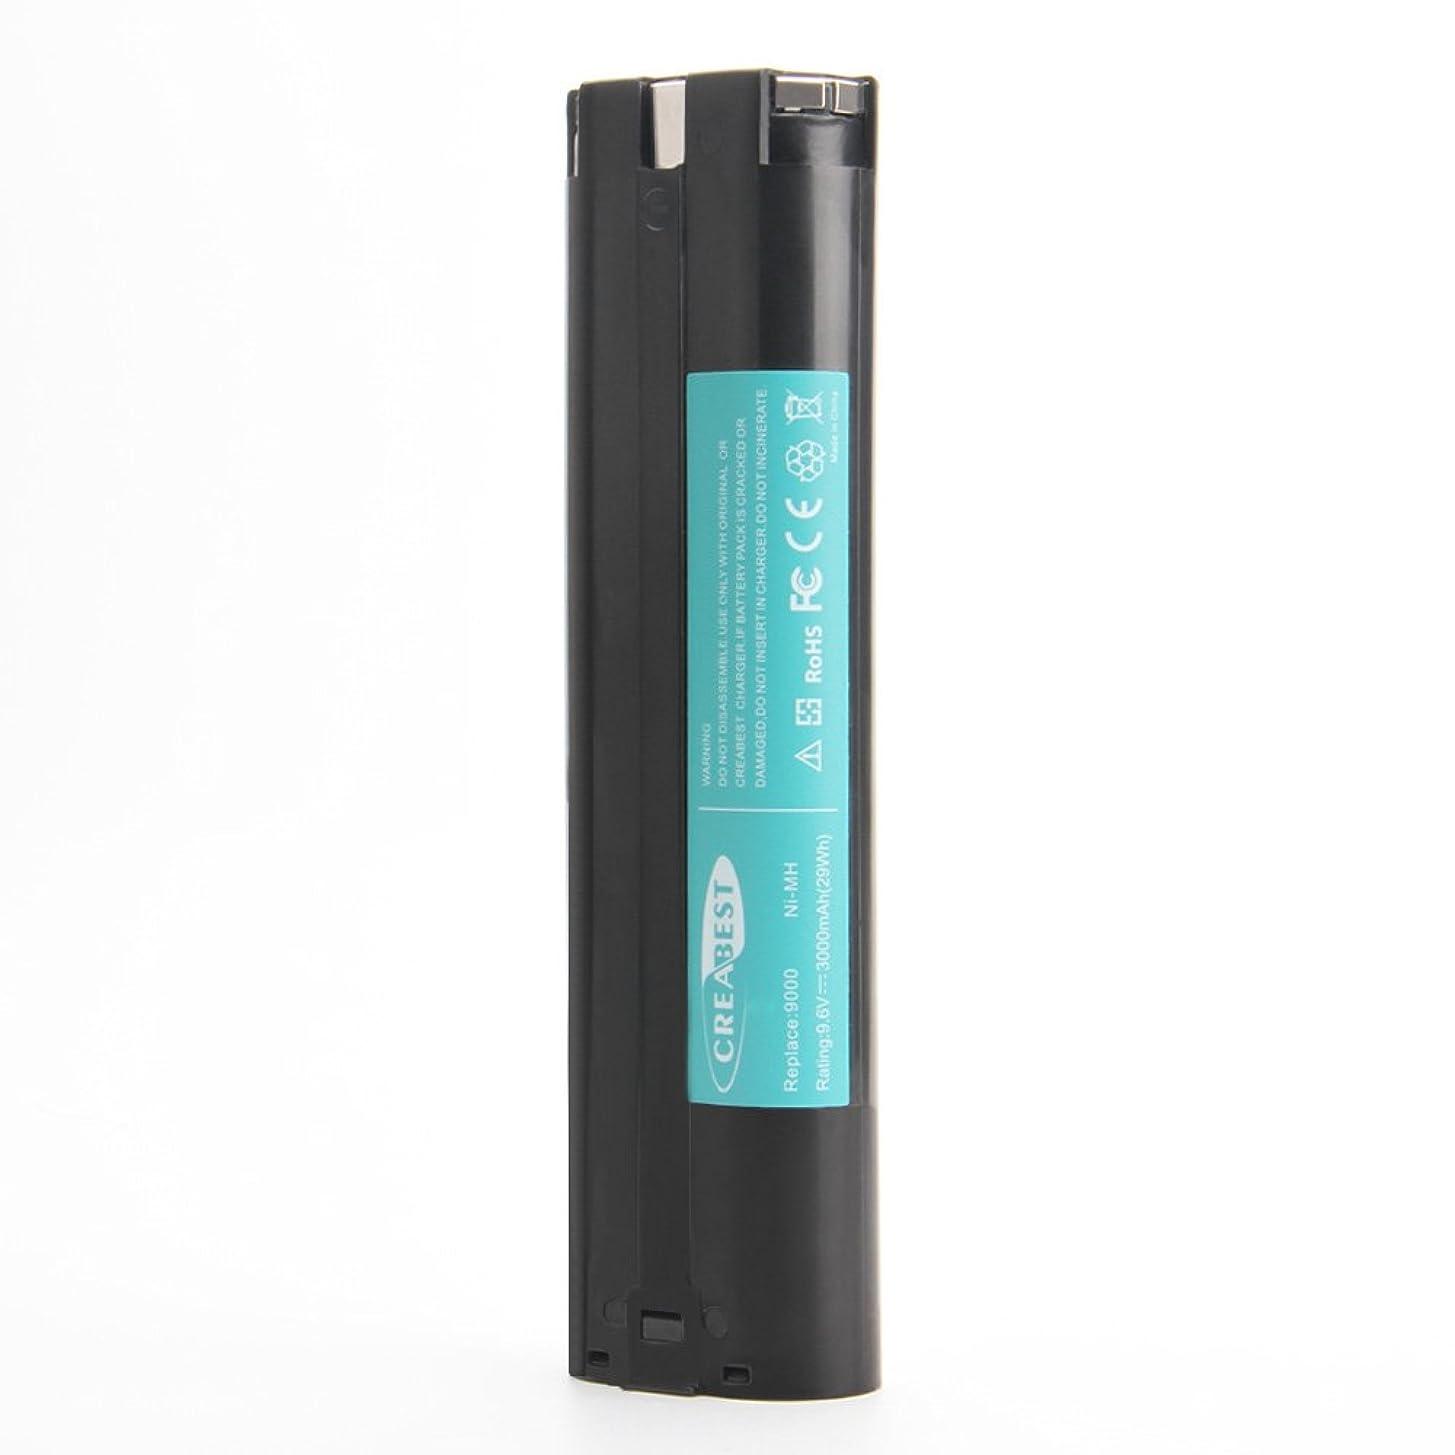 哲学的取り除く本物Creabest 9.6V 3000mAh ニッケル水素 互換 バッテリー マキタ 9000 9001 9002 9033 9600 191681-2 192533-0 632007-4 Ni-MH 互換 バッテリー